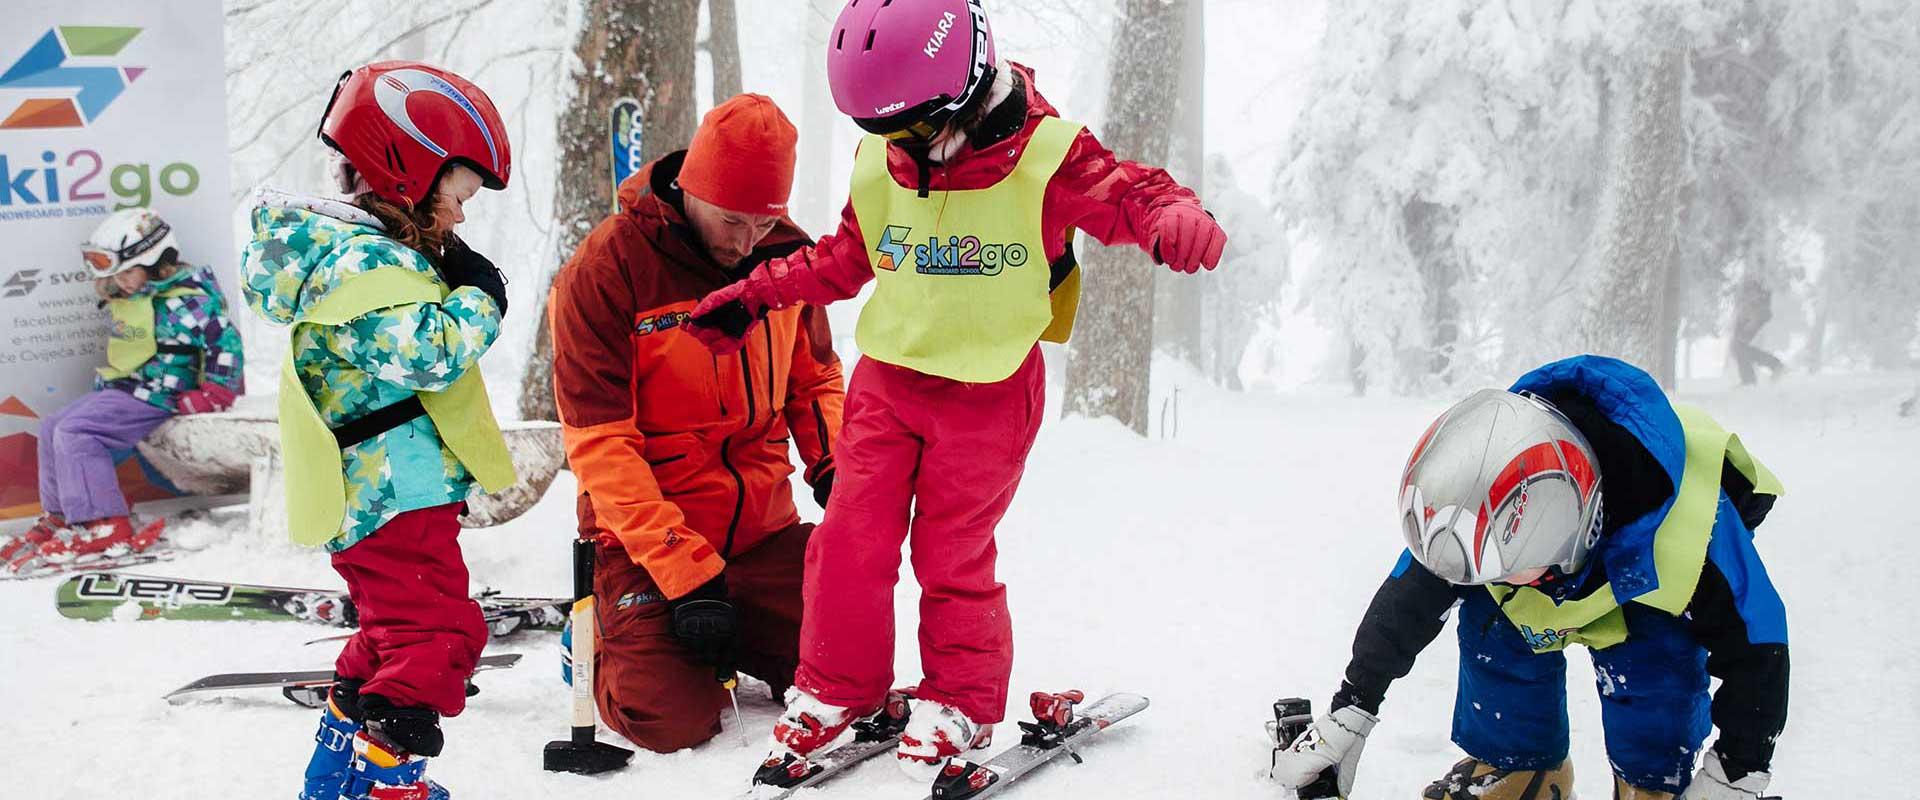 Skola skijanja djeca ski2go